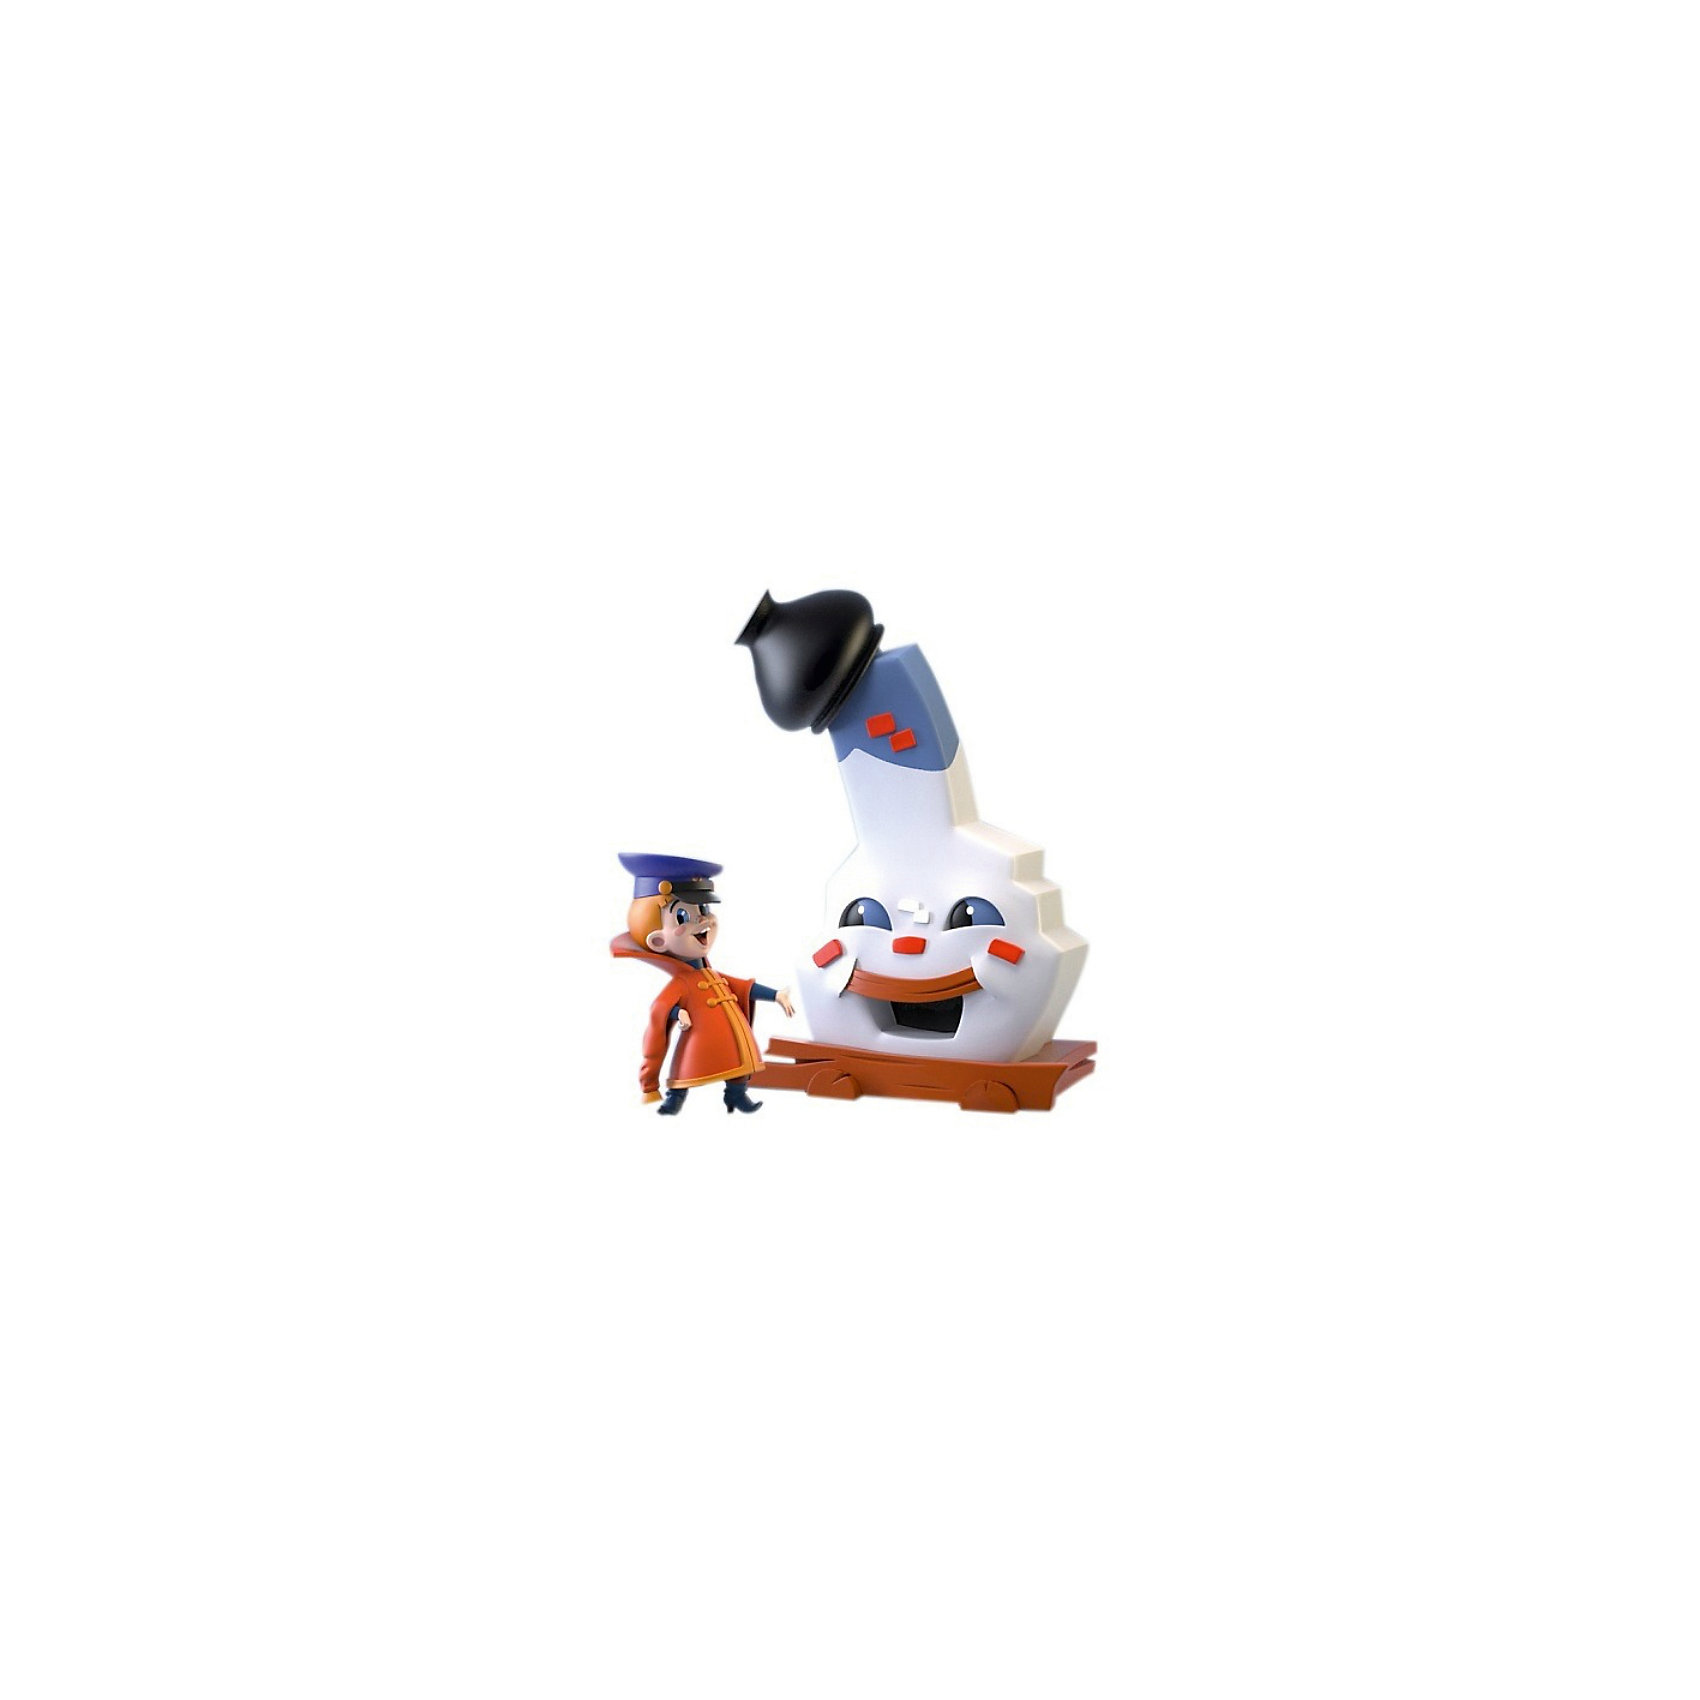 Prostotoys Набор фигурок Вовка и печка (м/ф Вовка в тридевятом царстве), Prostotoys настольная игра русский стиль вовка в тридевятом царстве 03844